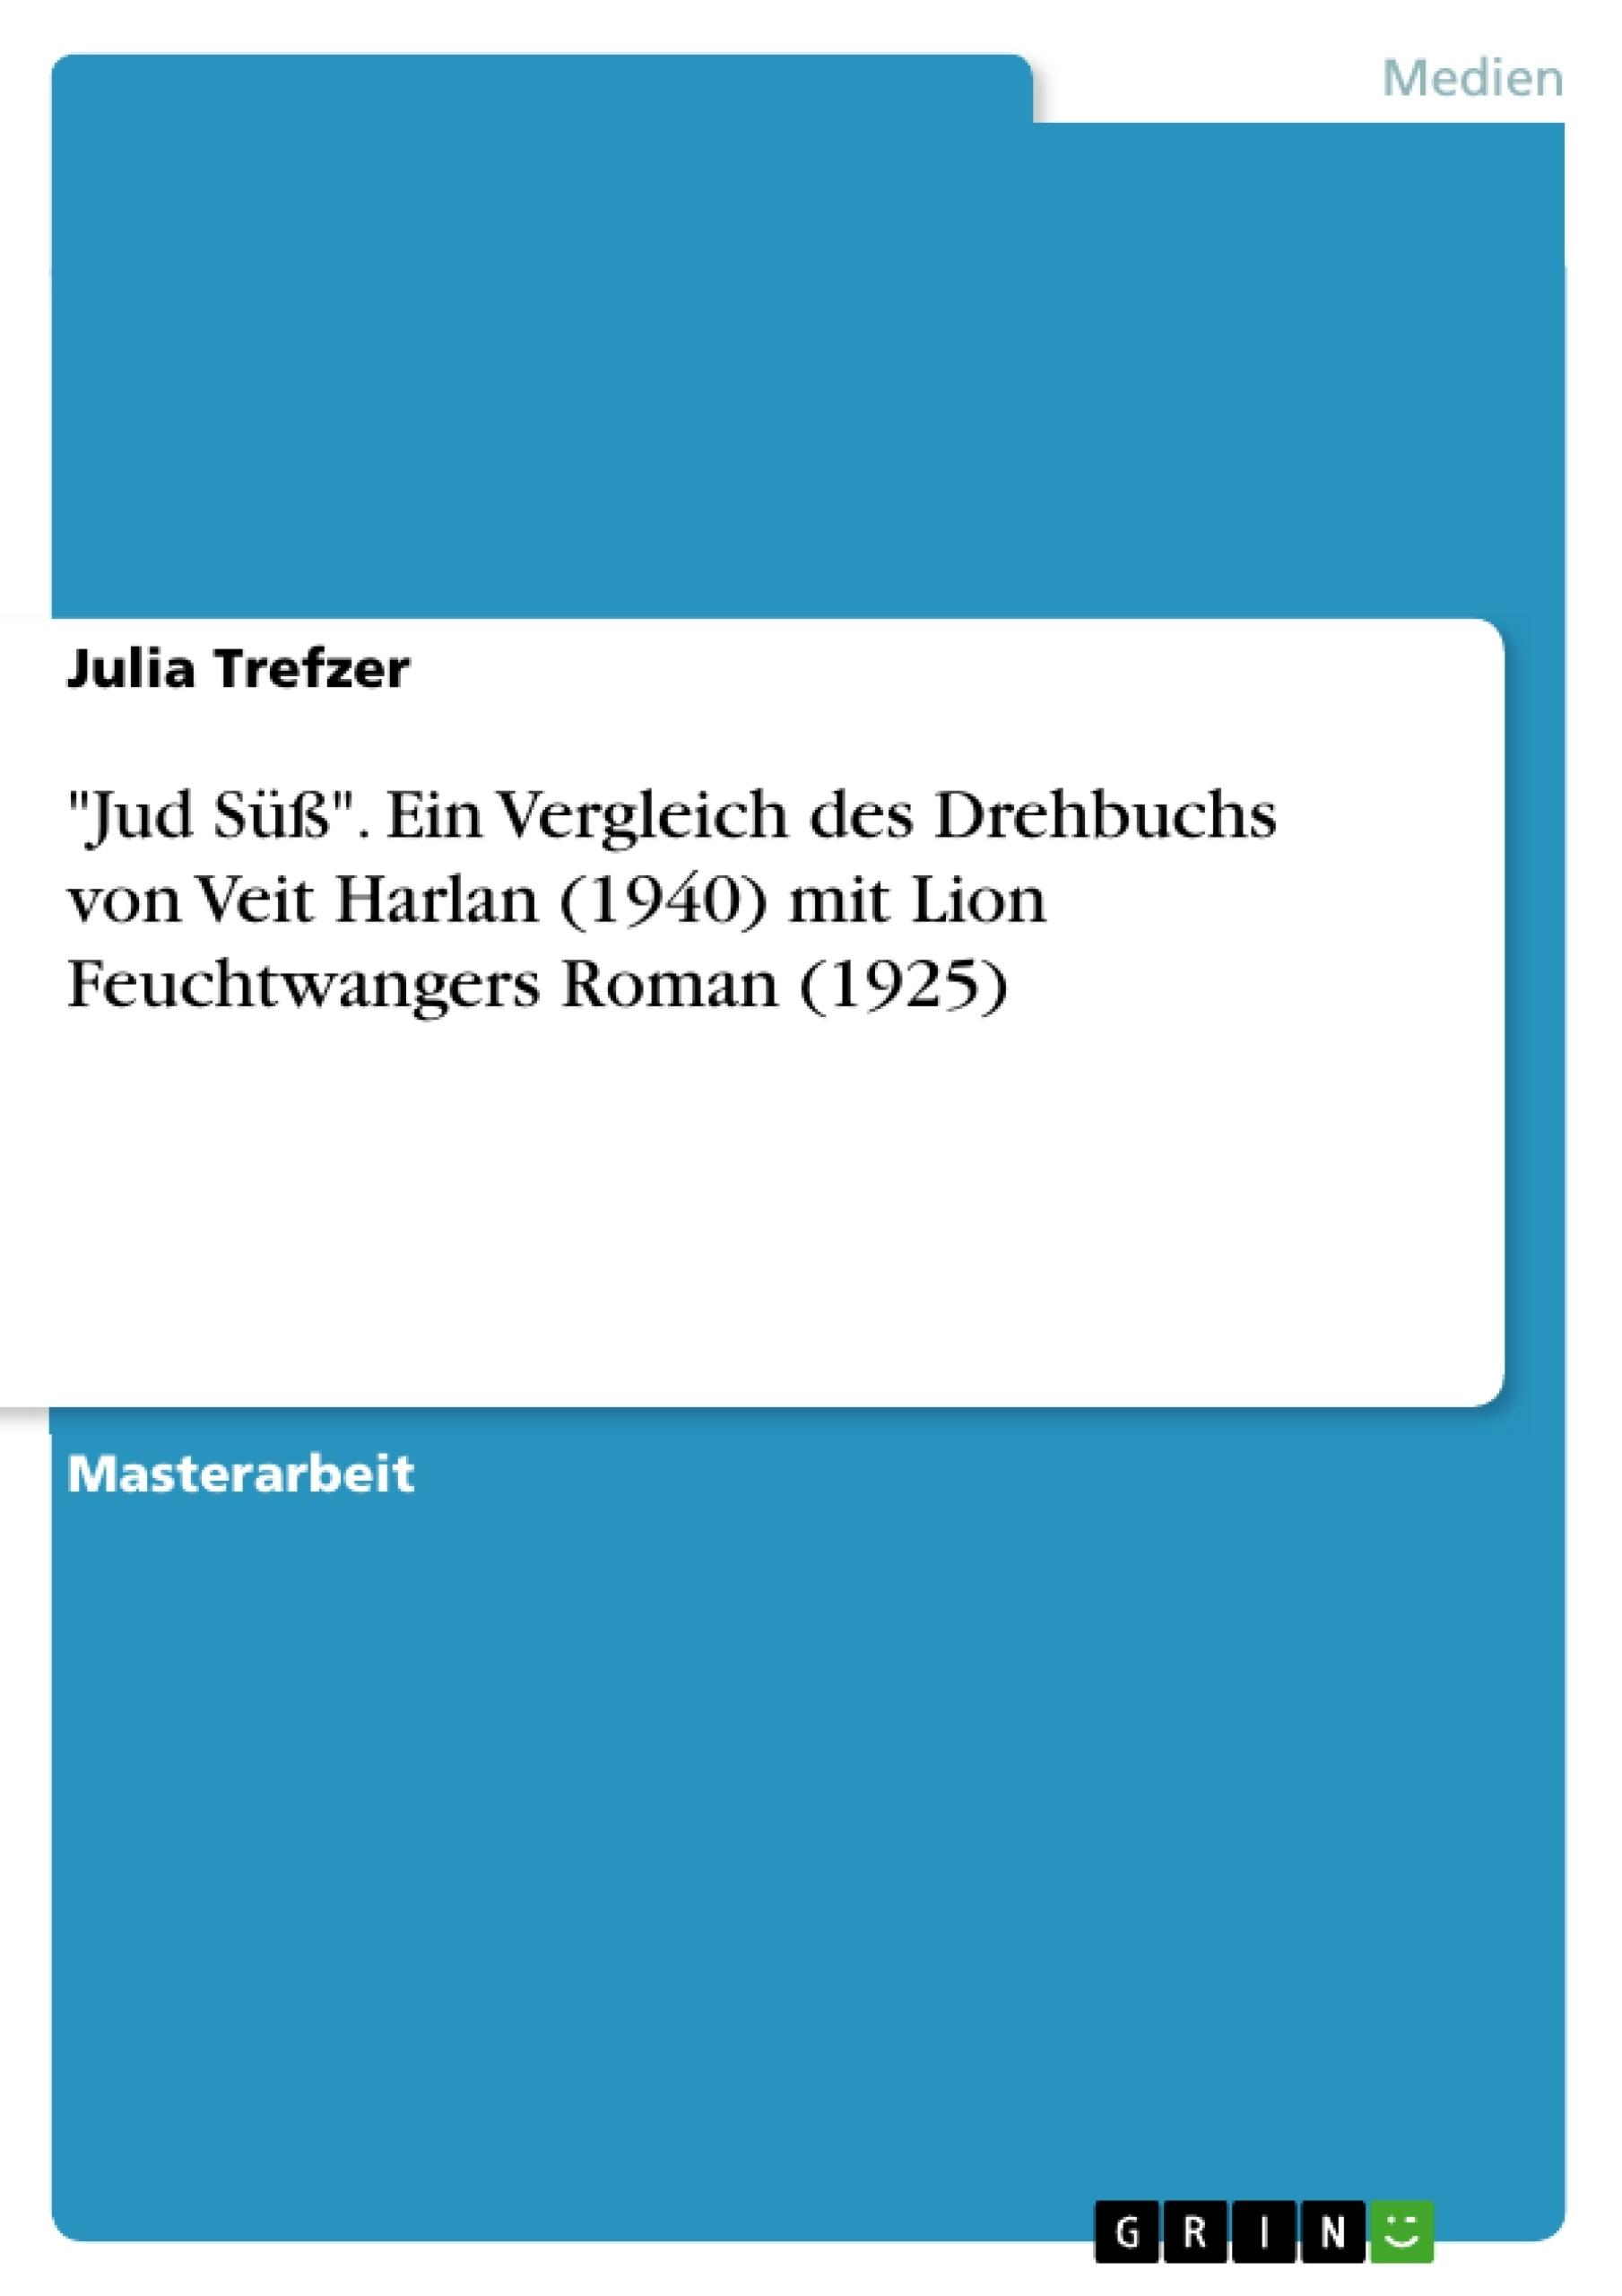 """Titel: """"Jud Süß"""". Ein Vergleich des Drehbuchs von Veit Harlan (1940) mit Lion Feuchtwangers Roman (1925)"""